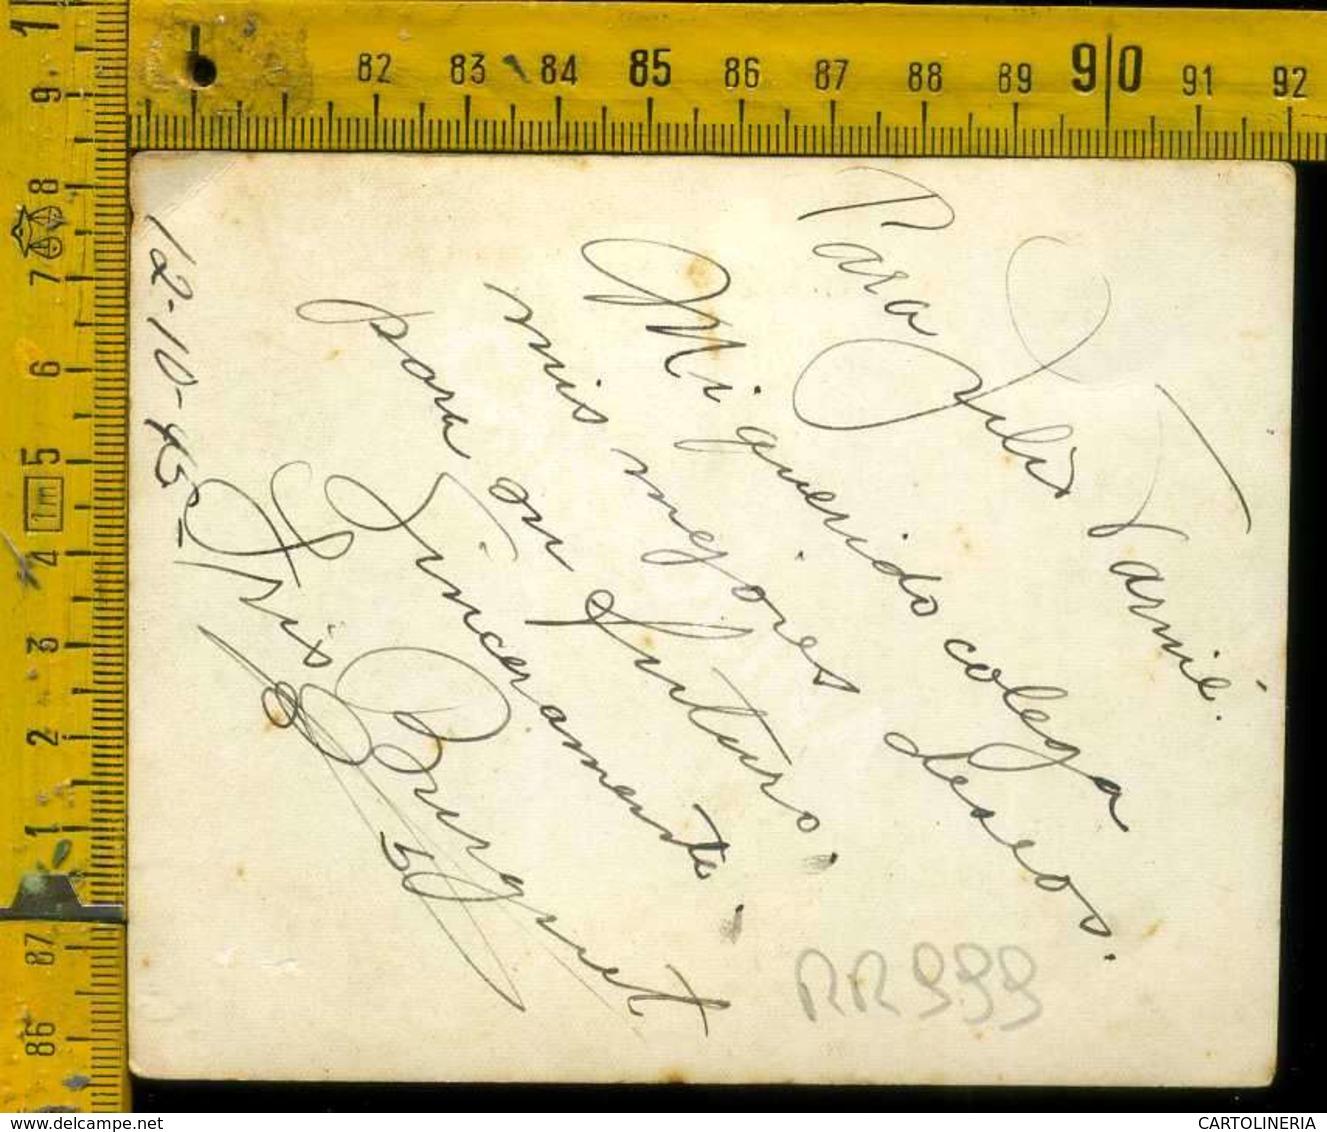 Personaggio Attore Attrice Cantante Musica Teatro Cinema Autografo Iris Burguet Cuba - Artisti